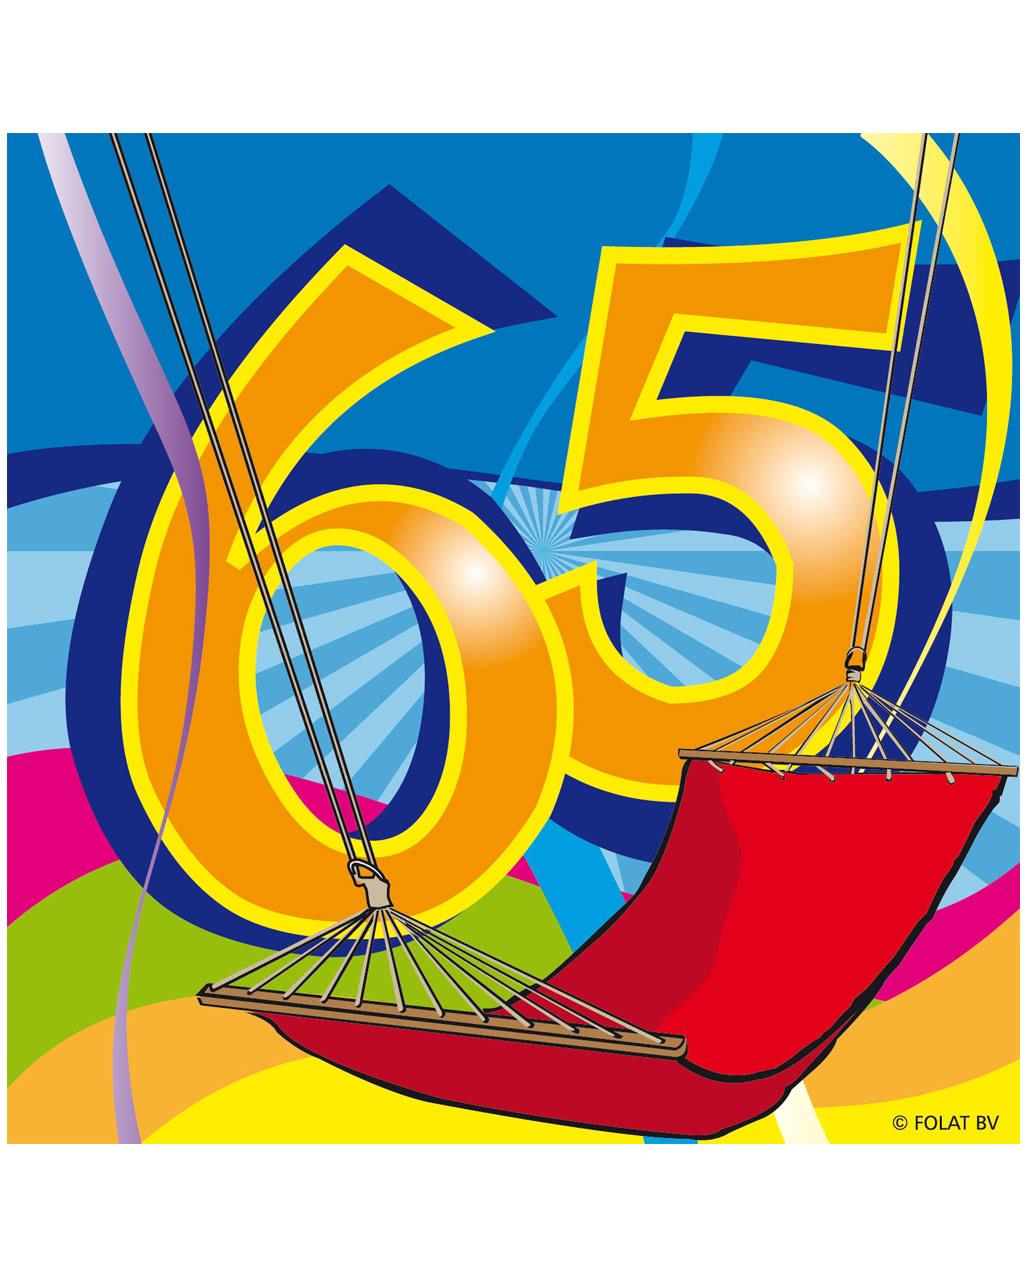 65 Geburtstag Servietten Swirls Kaufen Karneval Universe